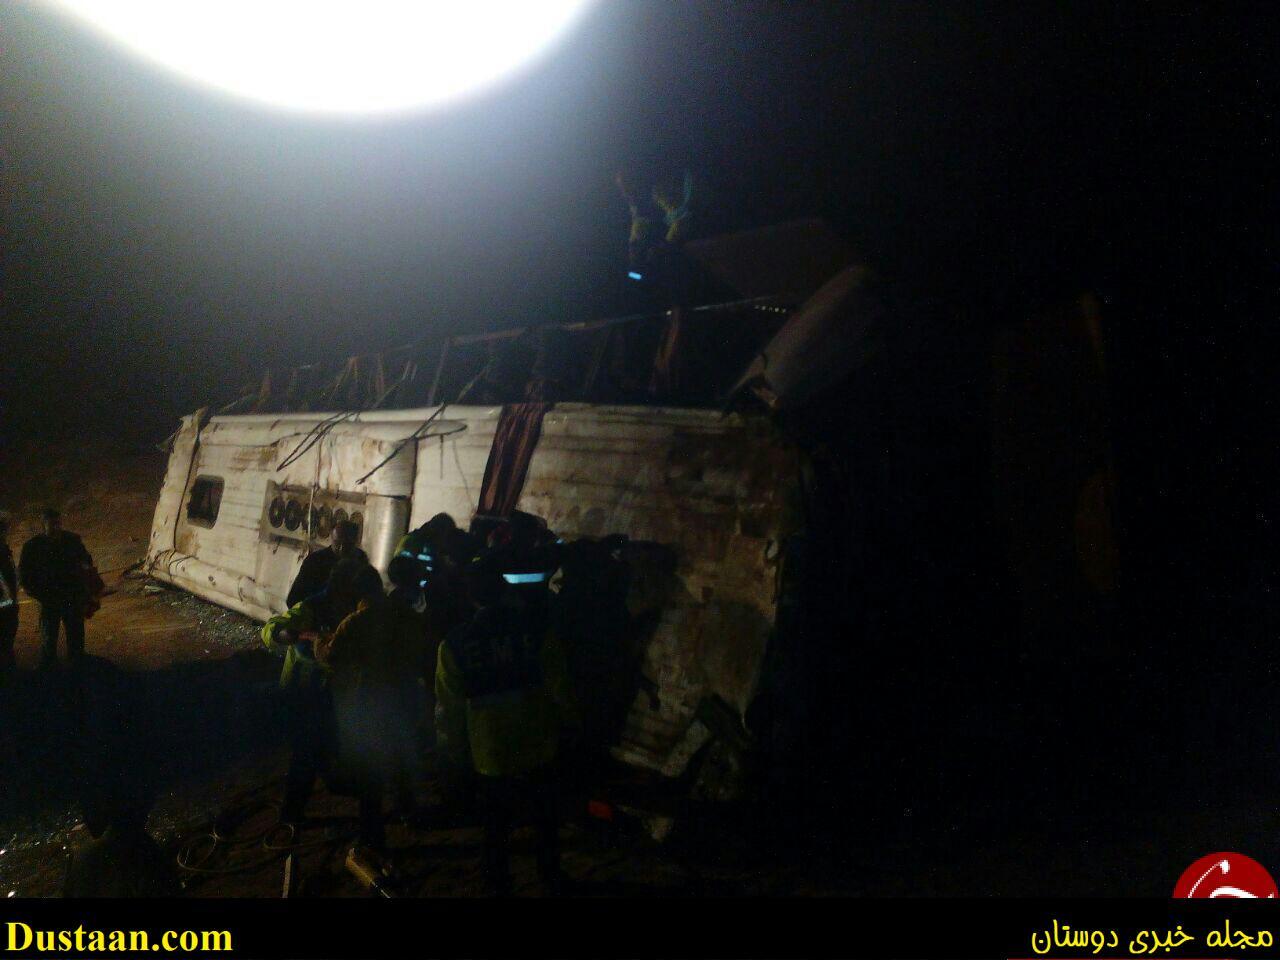 واژگونی اتوبوس در جاده فردوس، ۲۱ کشته و زخمی برجا گذاشت +تصاویر